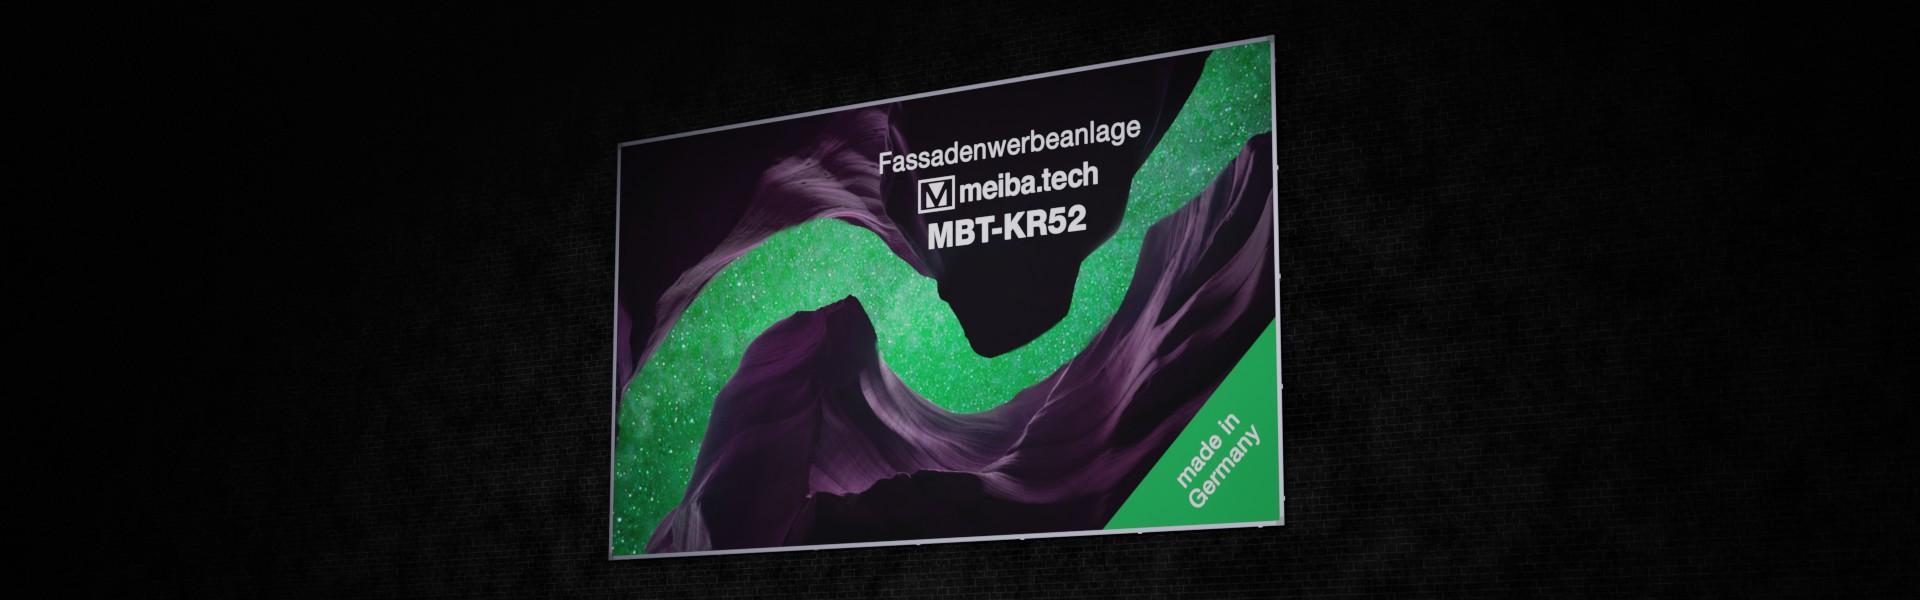 Werbeanlage MBT-KR52 für langfristige Bannerwerbung an Fassaden, seitliche Ansicht